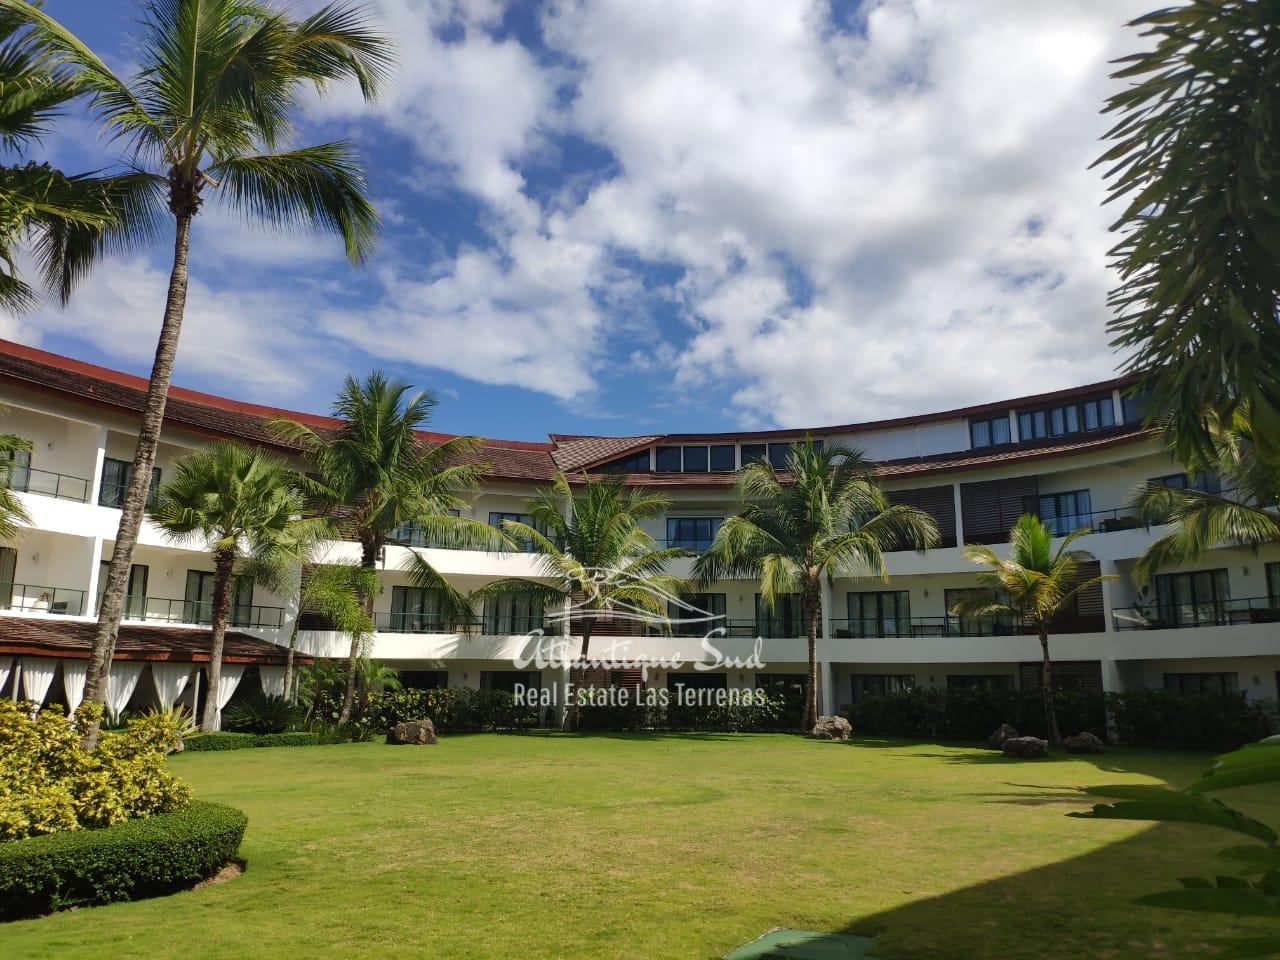 condo-in-all-inclusive-beachfront-hotel-lasterrenas9.jpeg